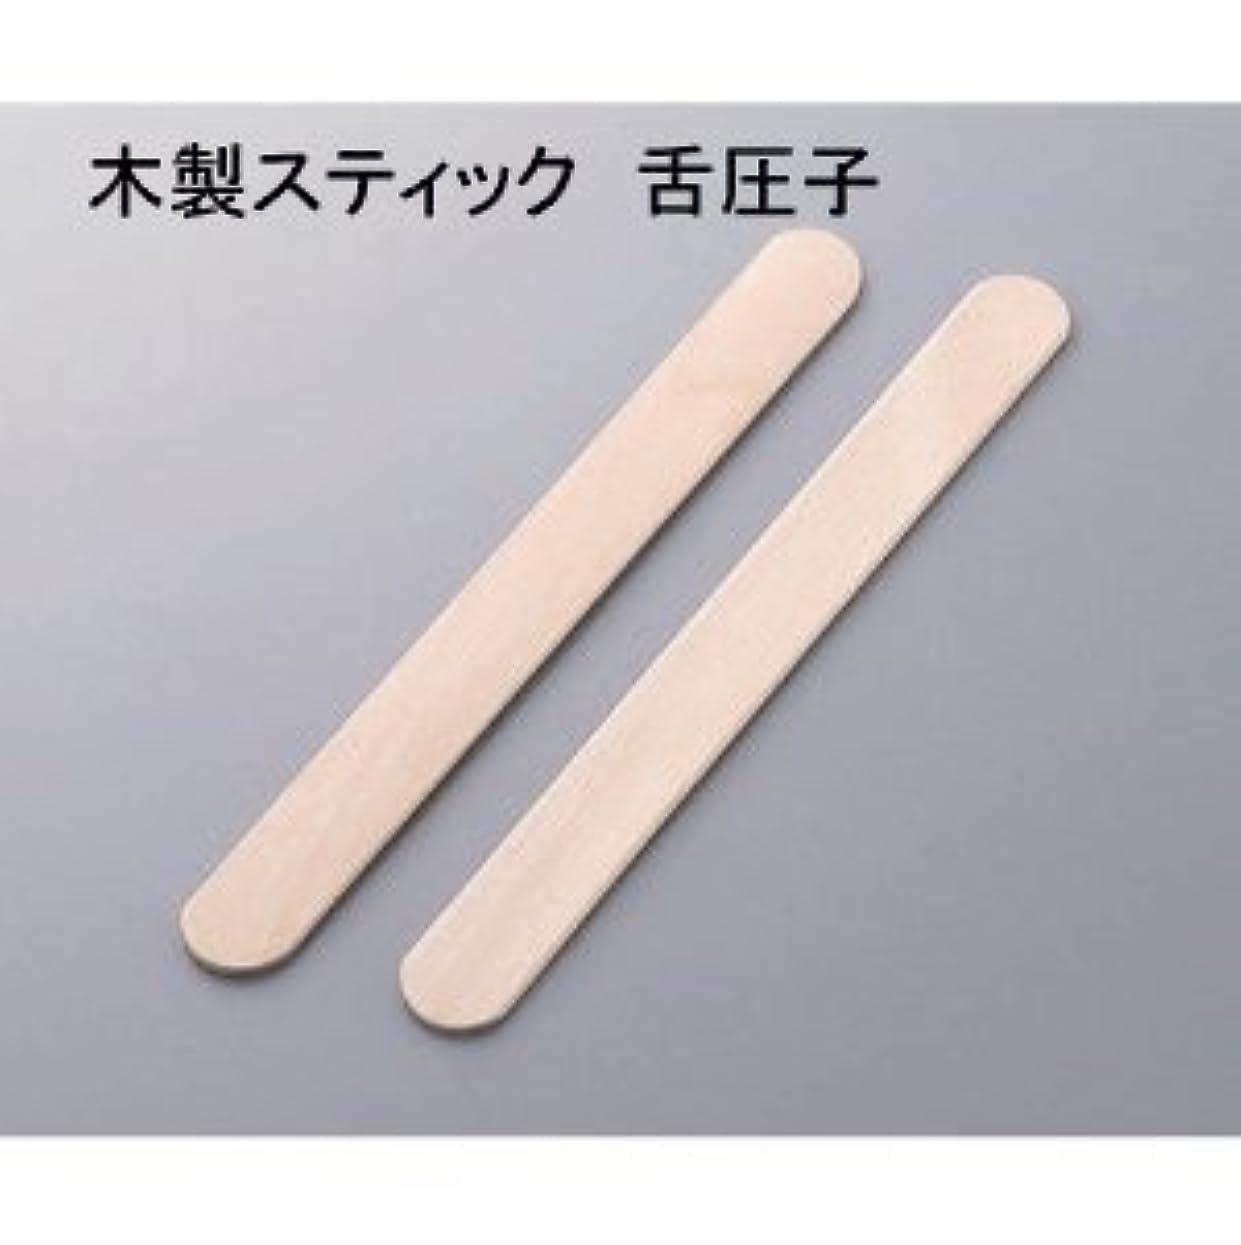 目立つ常習者有能な木製舌圧子150mm スパチュラ 脱毛 ハダカ 50本